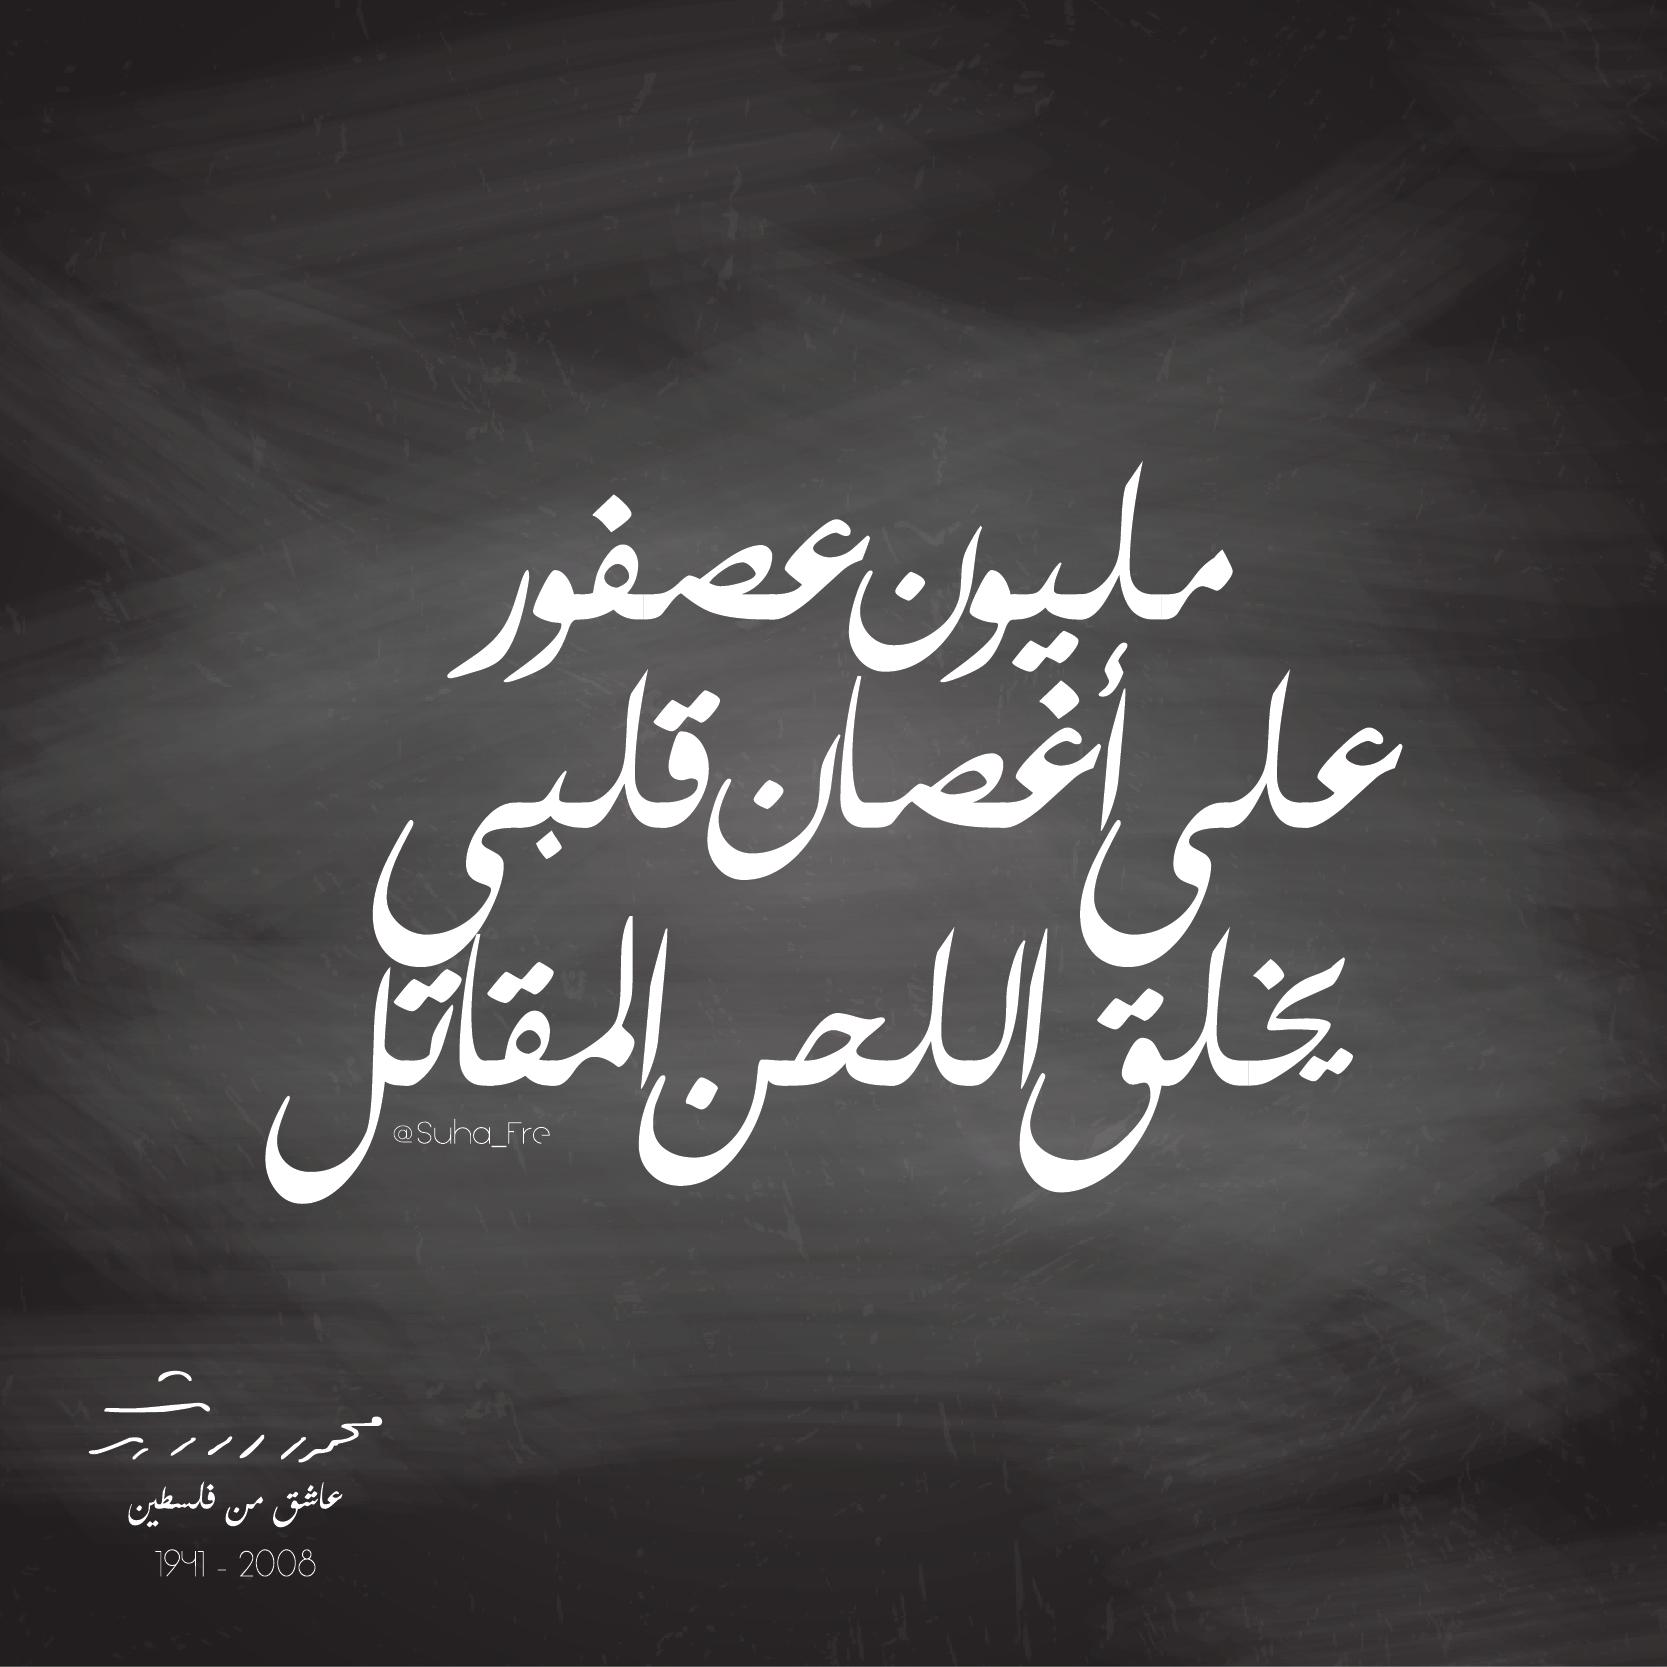 ديوان عاشق من فلسطين محمود درويش Arabic Calligraphy